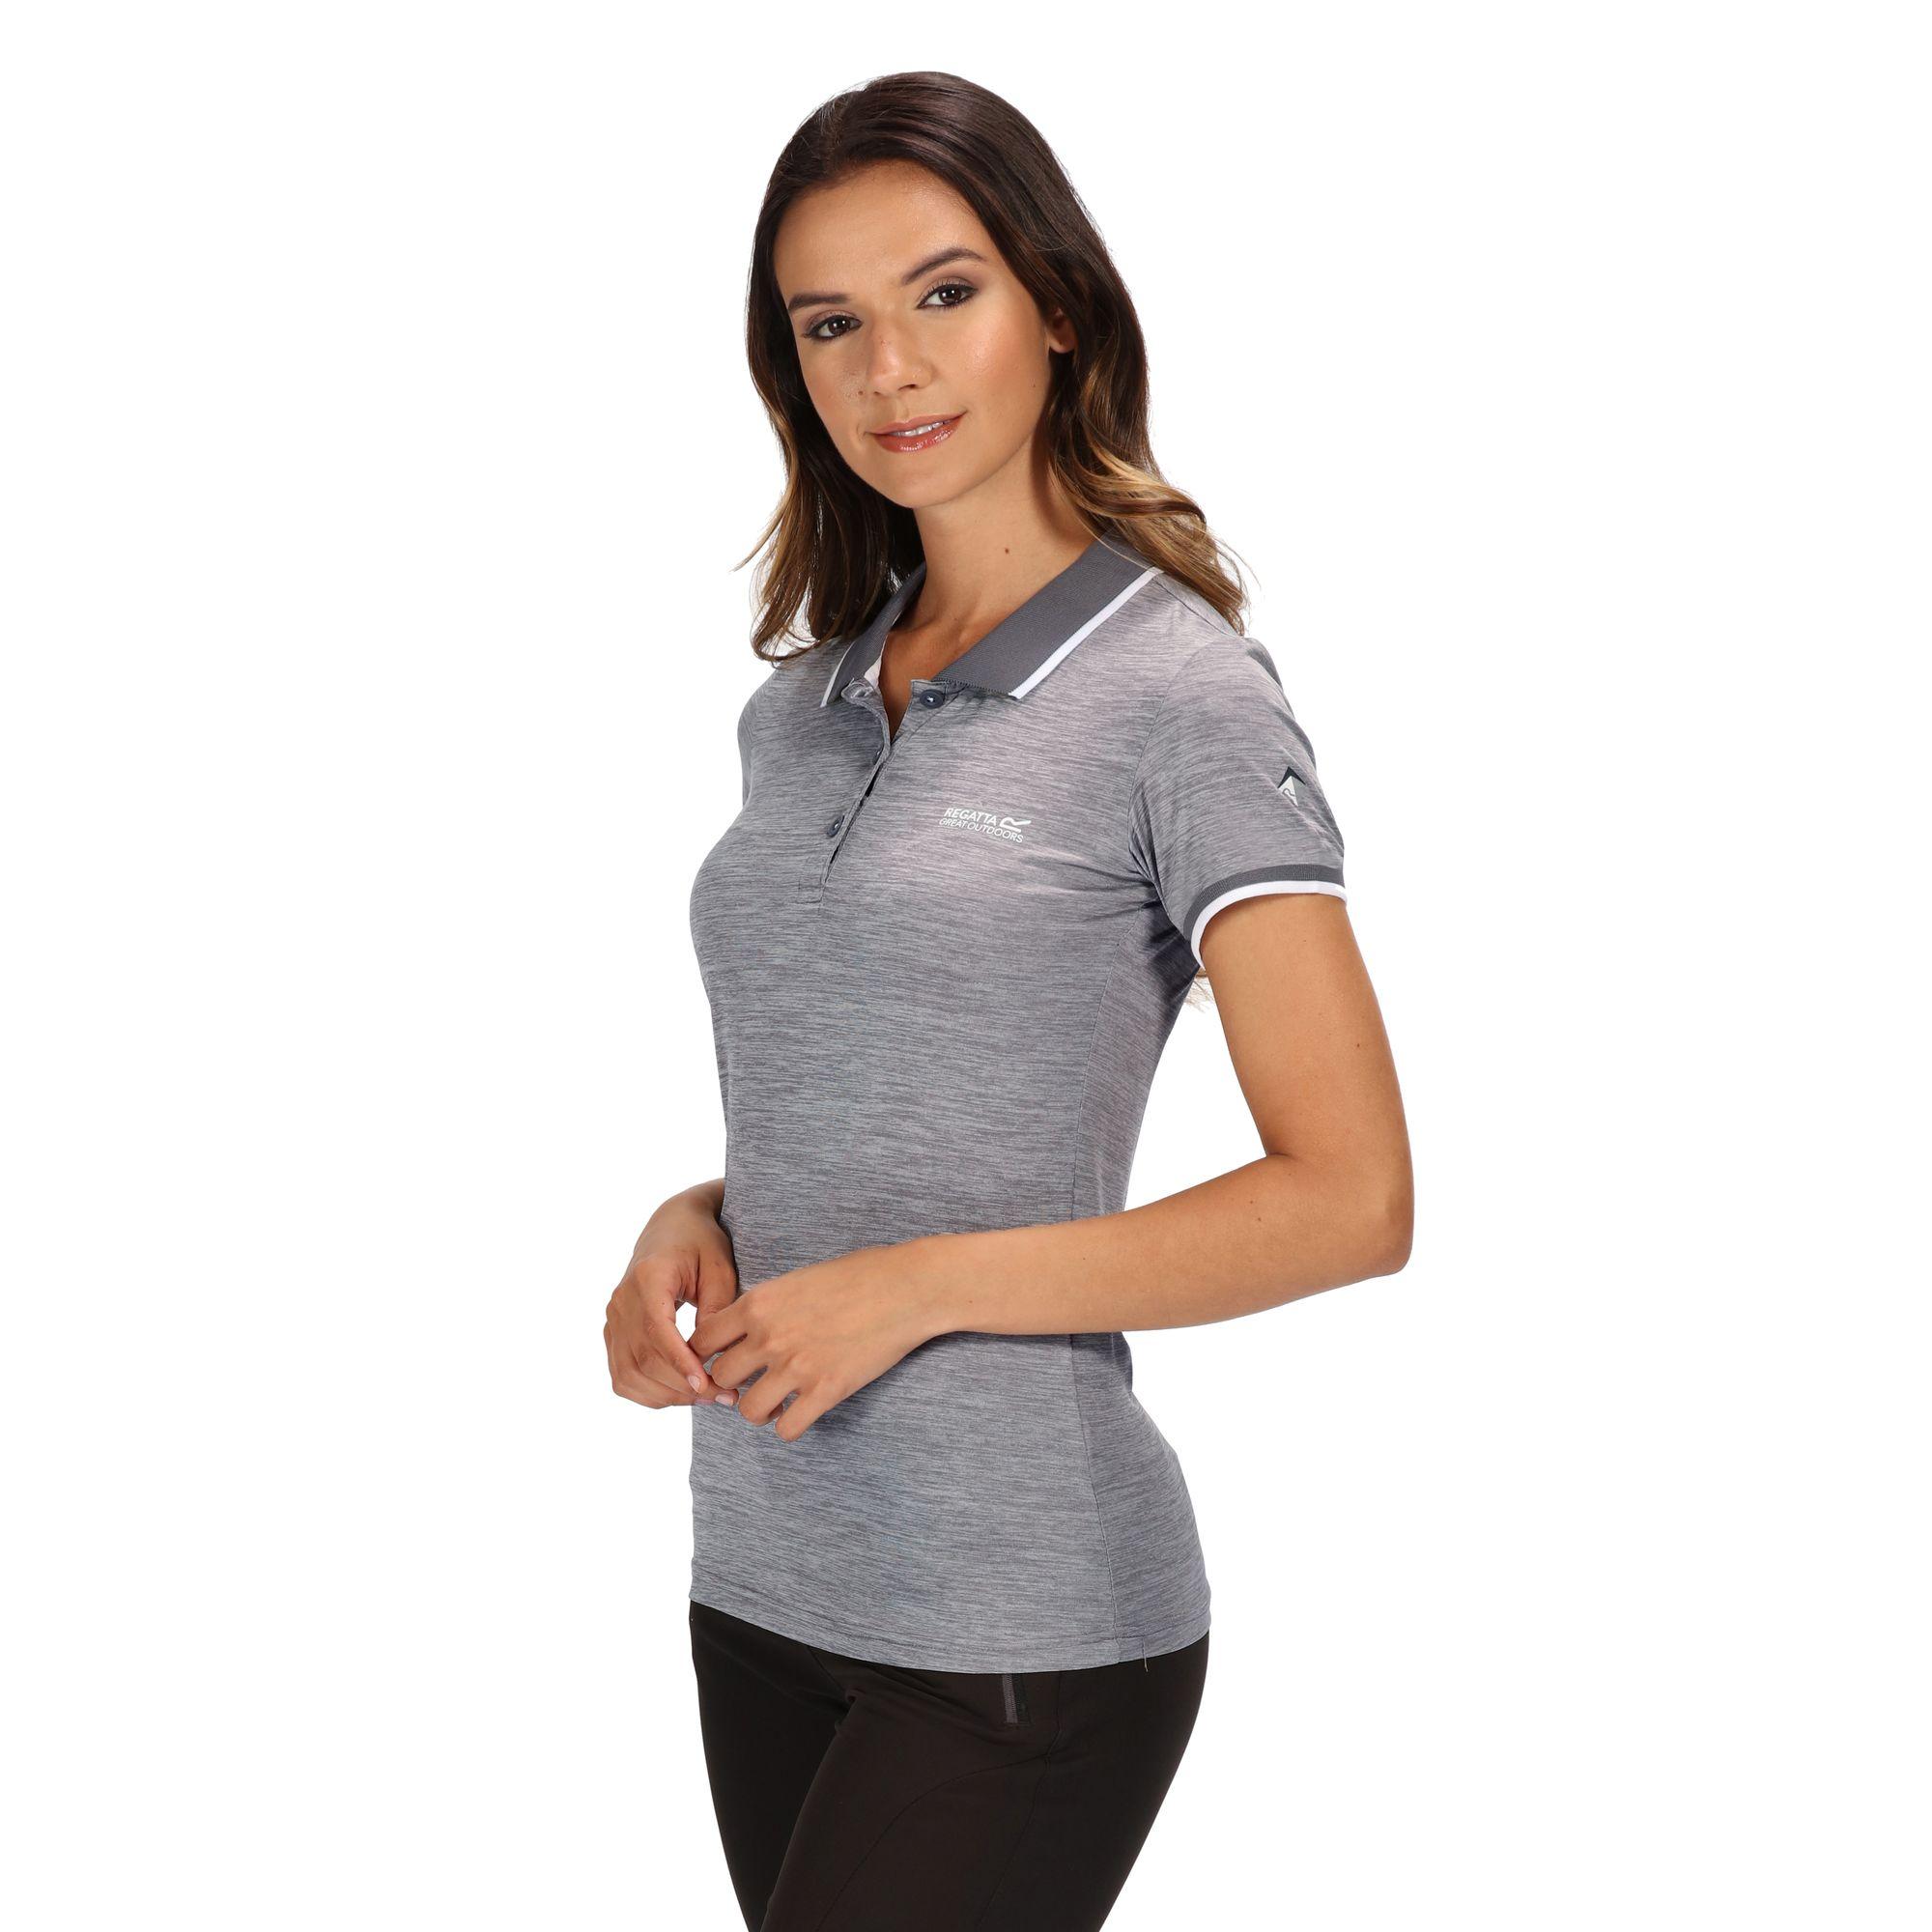 Regatta-Womens-Ladies-Remex-II-Polo-Neck-T-Shirt-RG4477 thumbnail 15